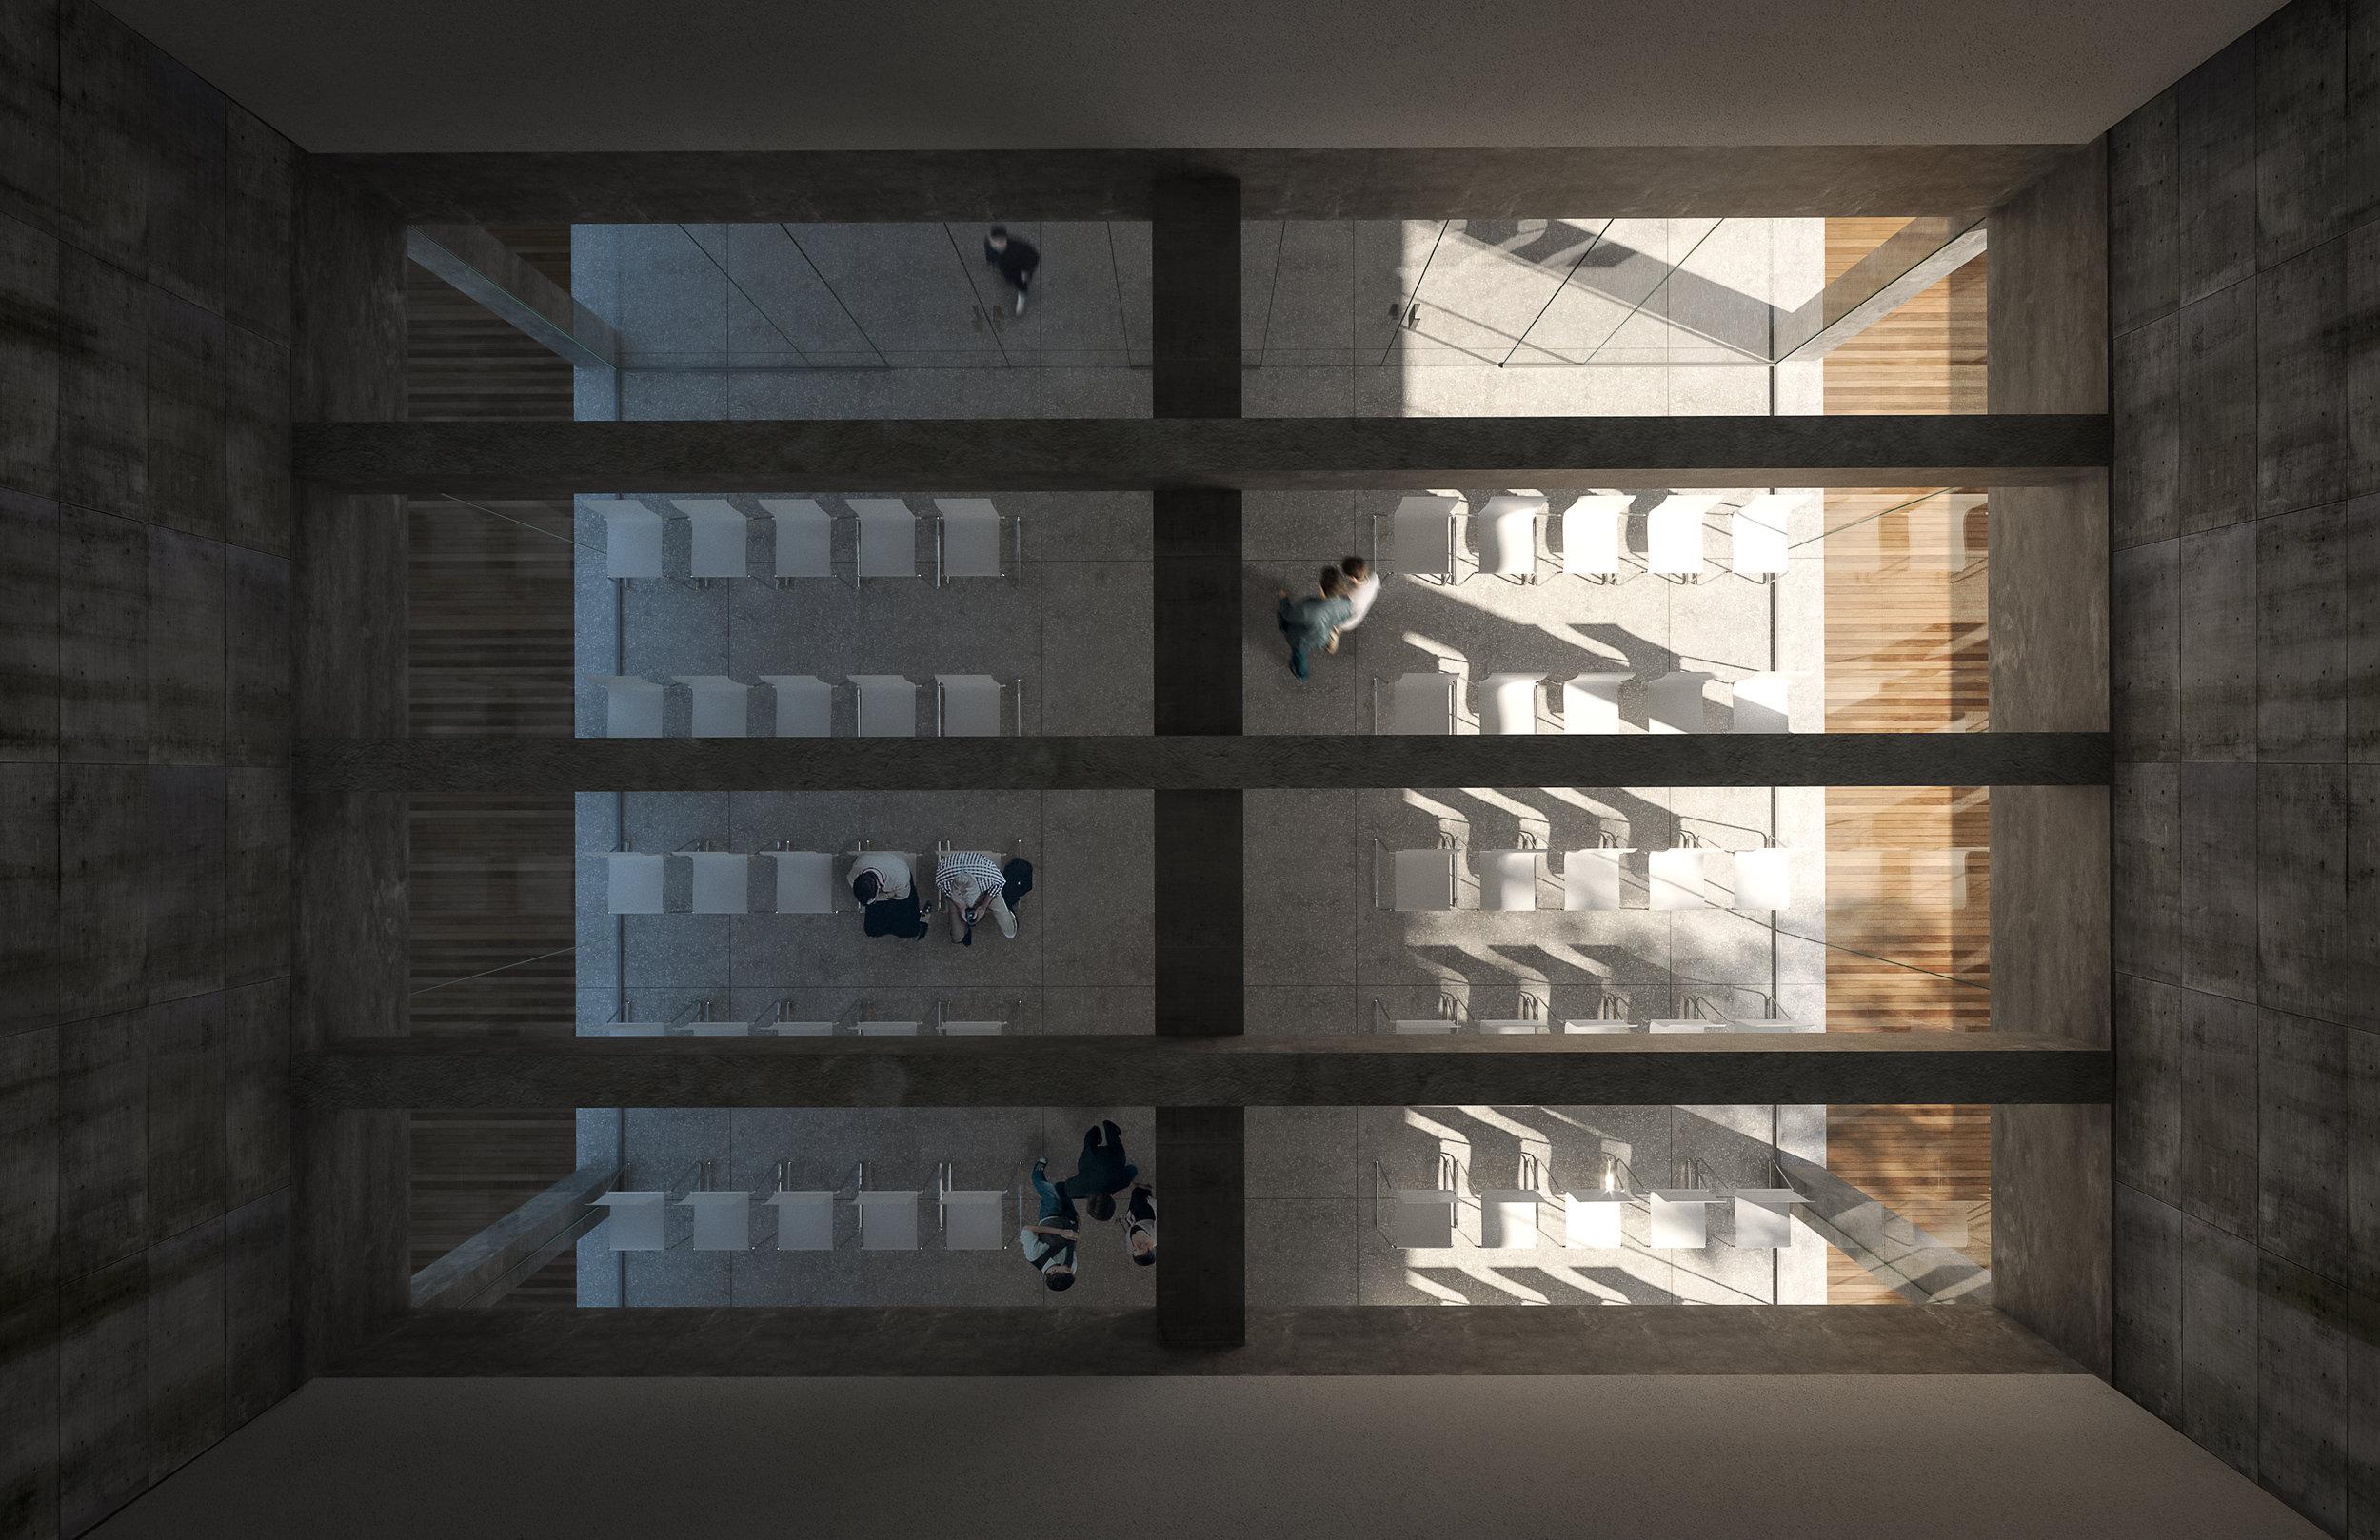 MUH_Cooling Tower_look down.jpg